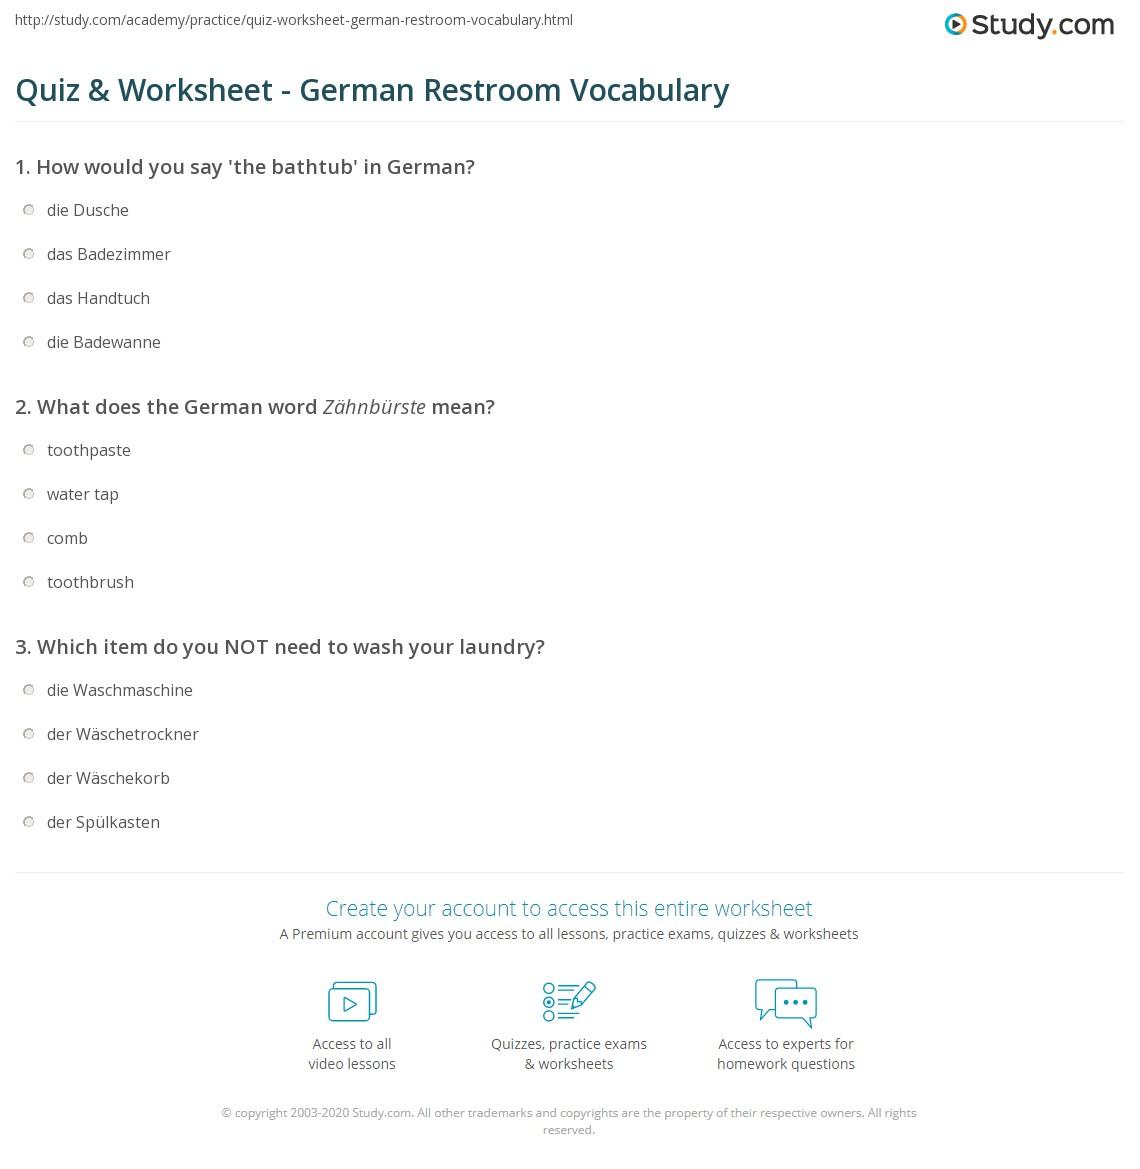 Print German Bathroom Terminology Worksheet